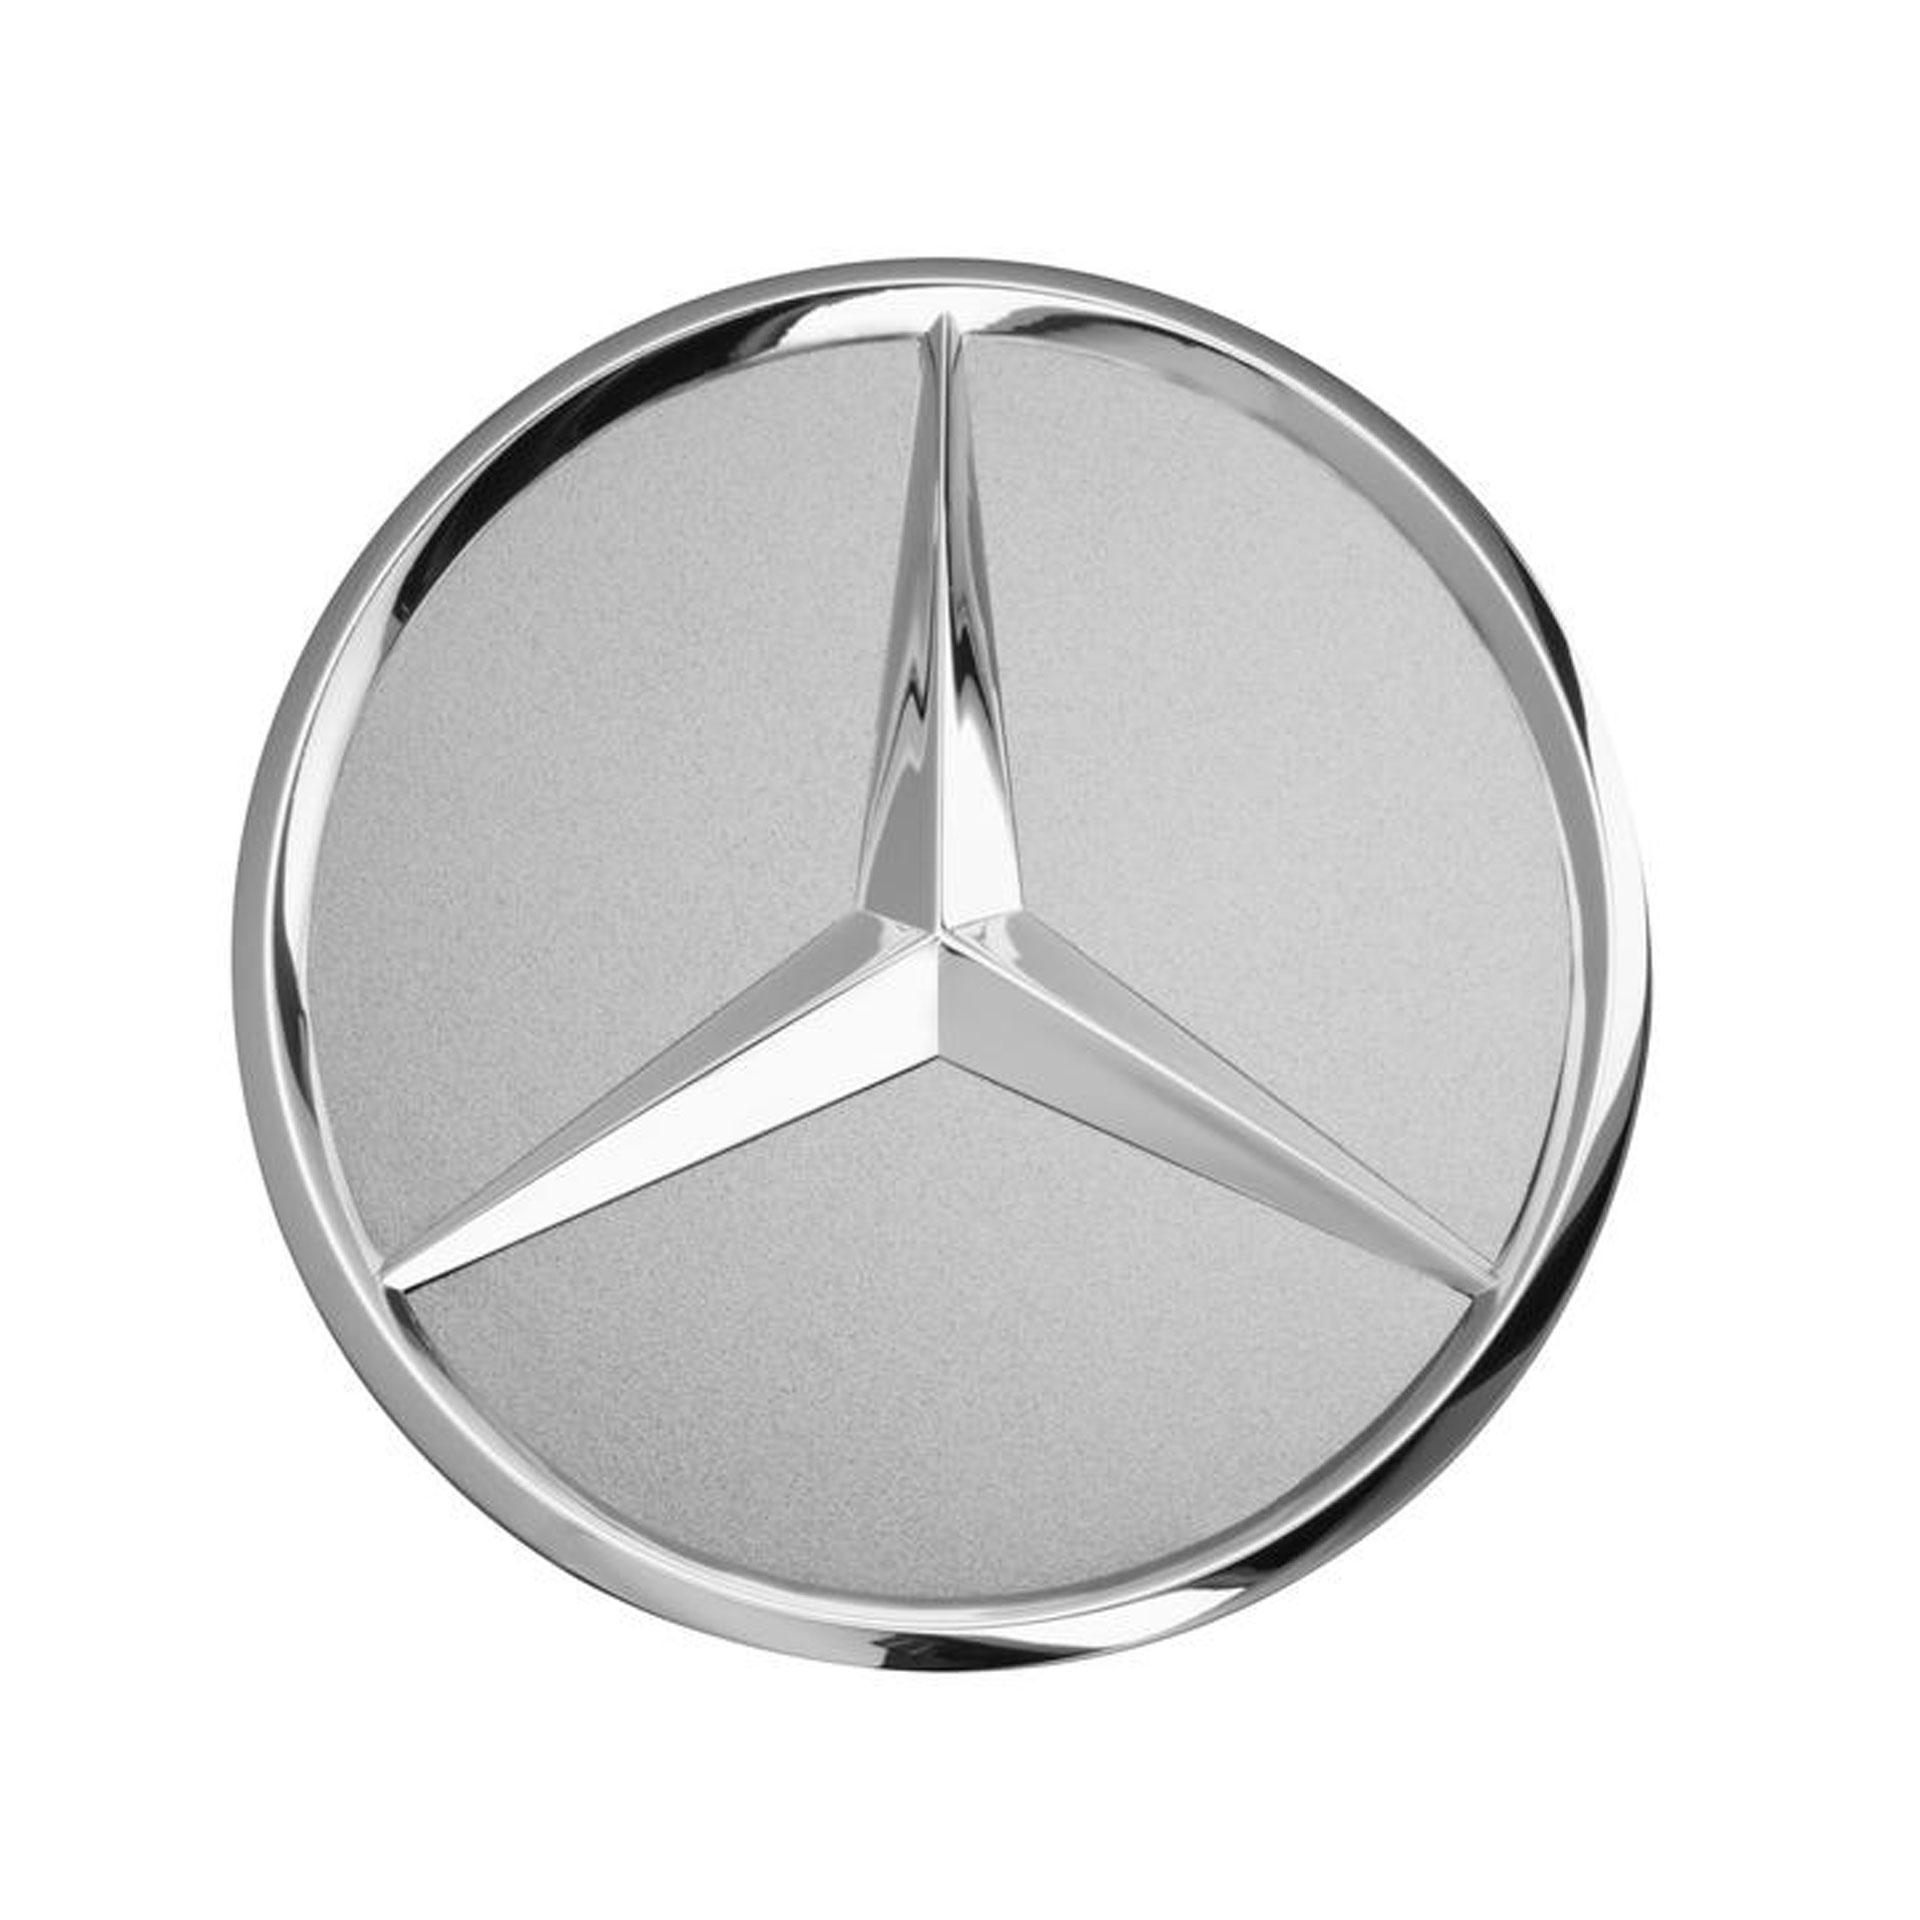 Mercedes-Benz Radnabenabdeckung Stern erhaben titansilber